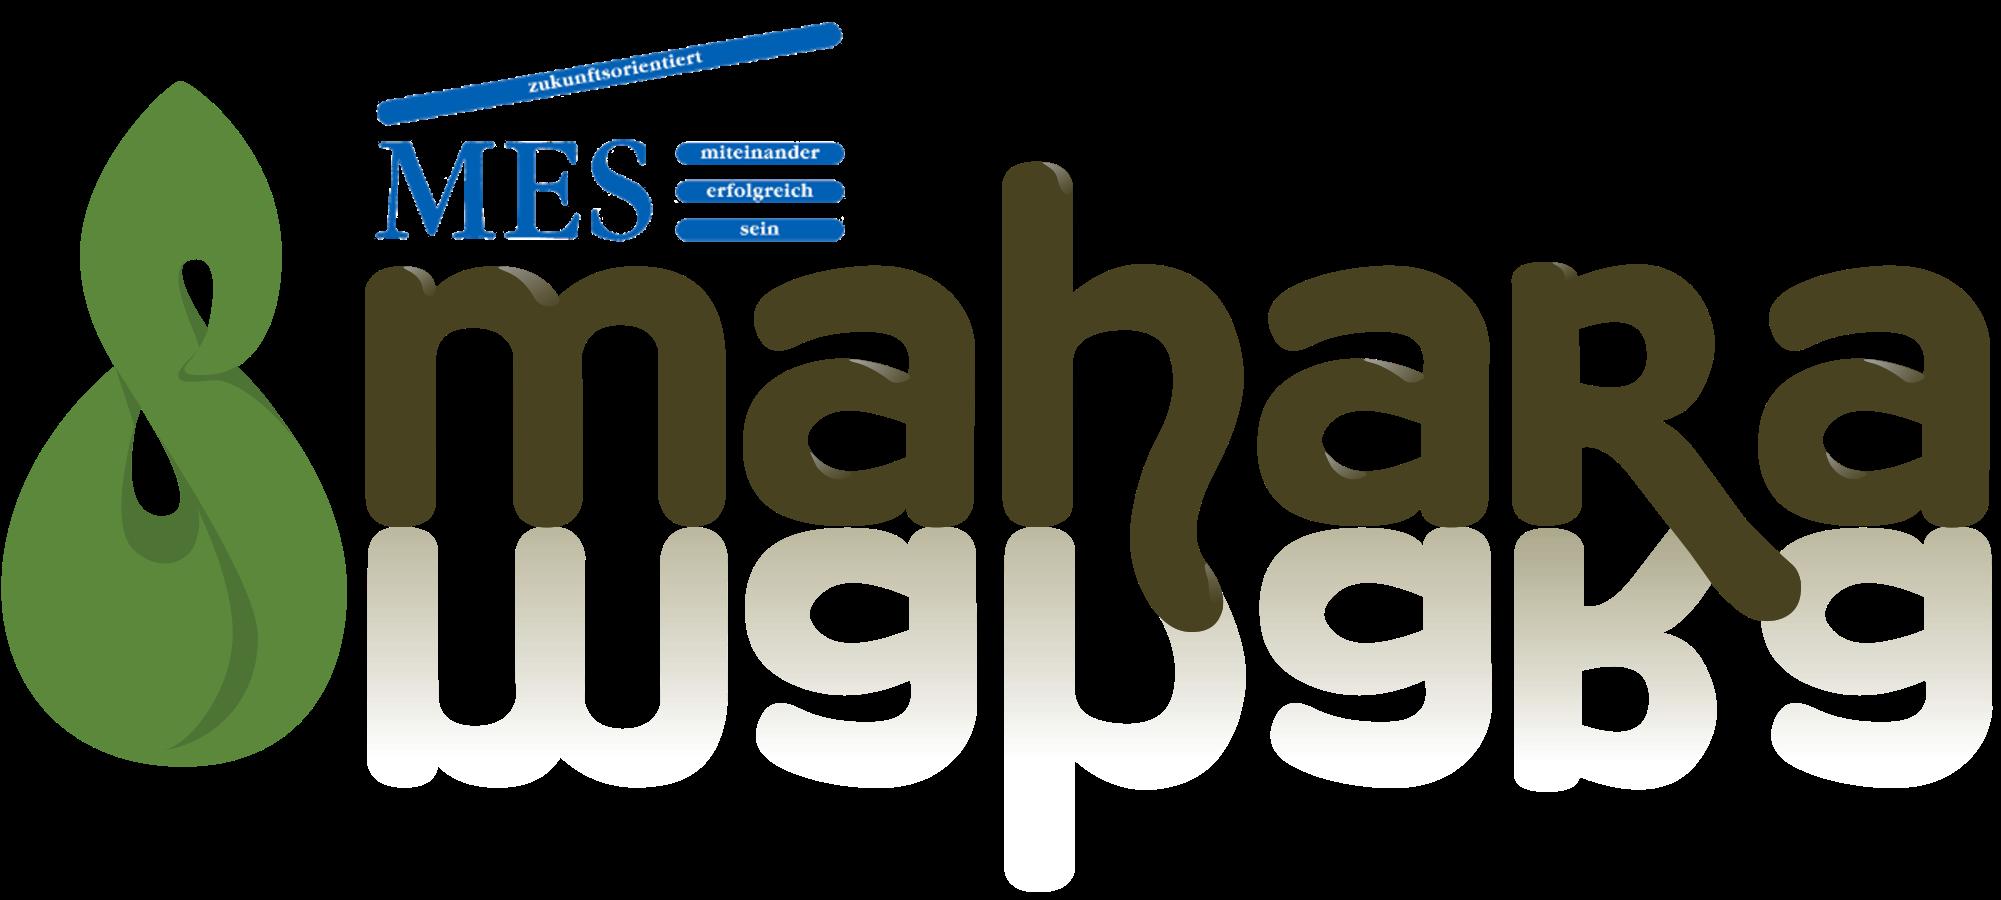 Mahara der MES